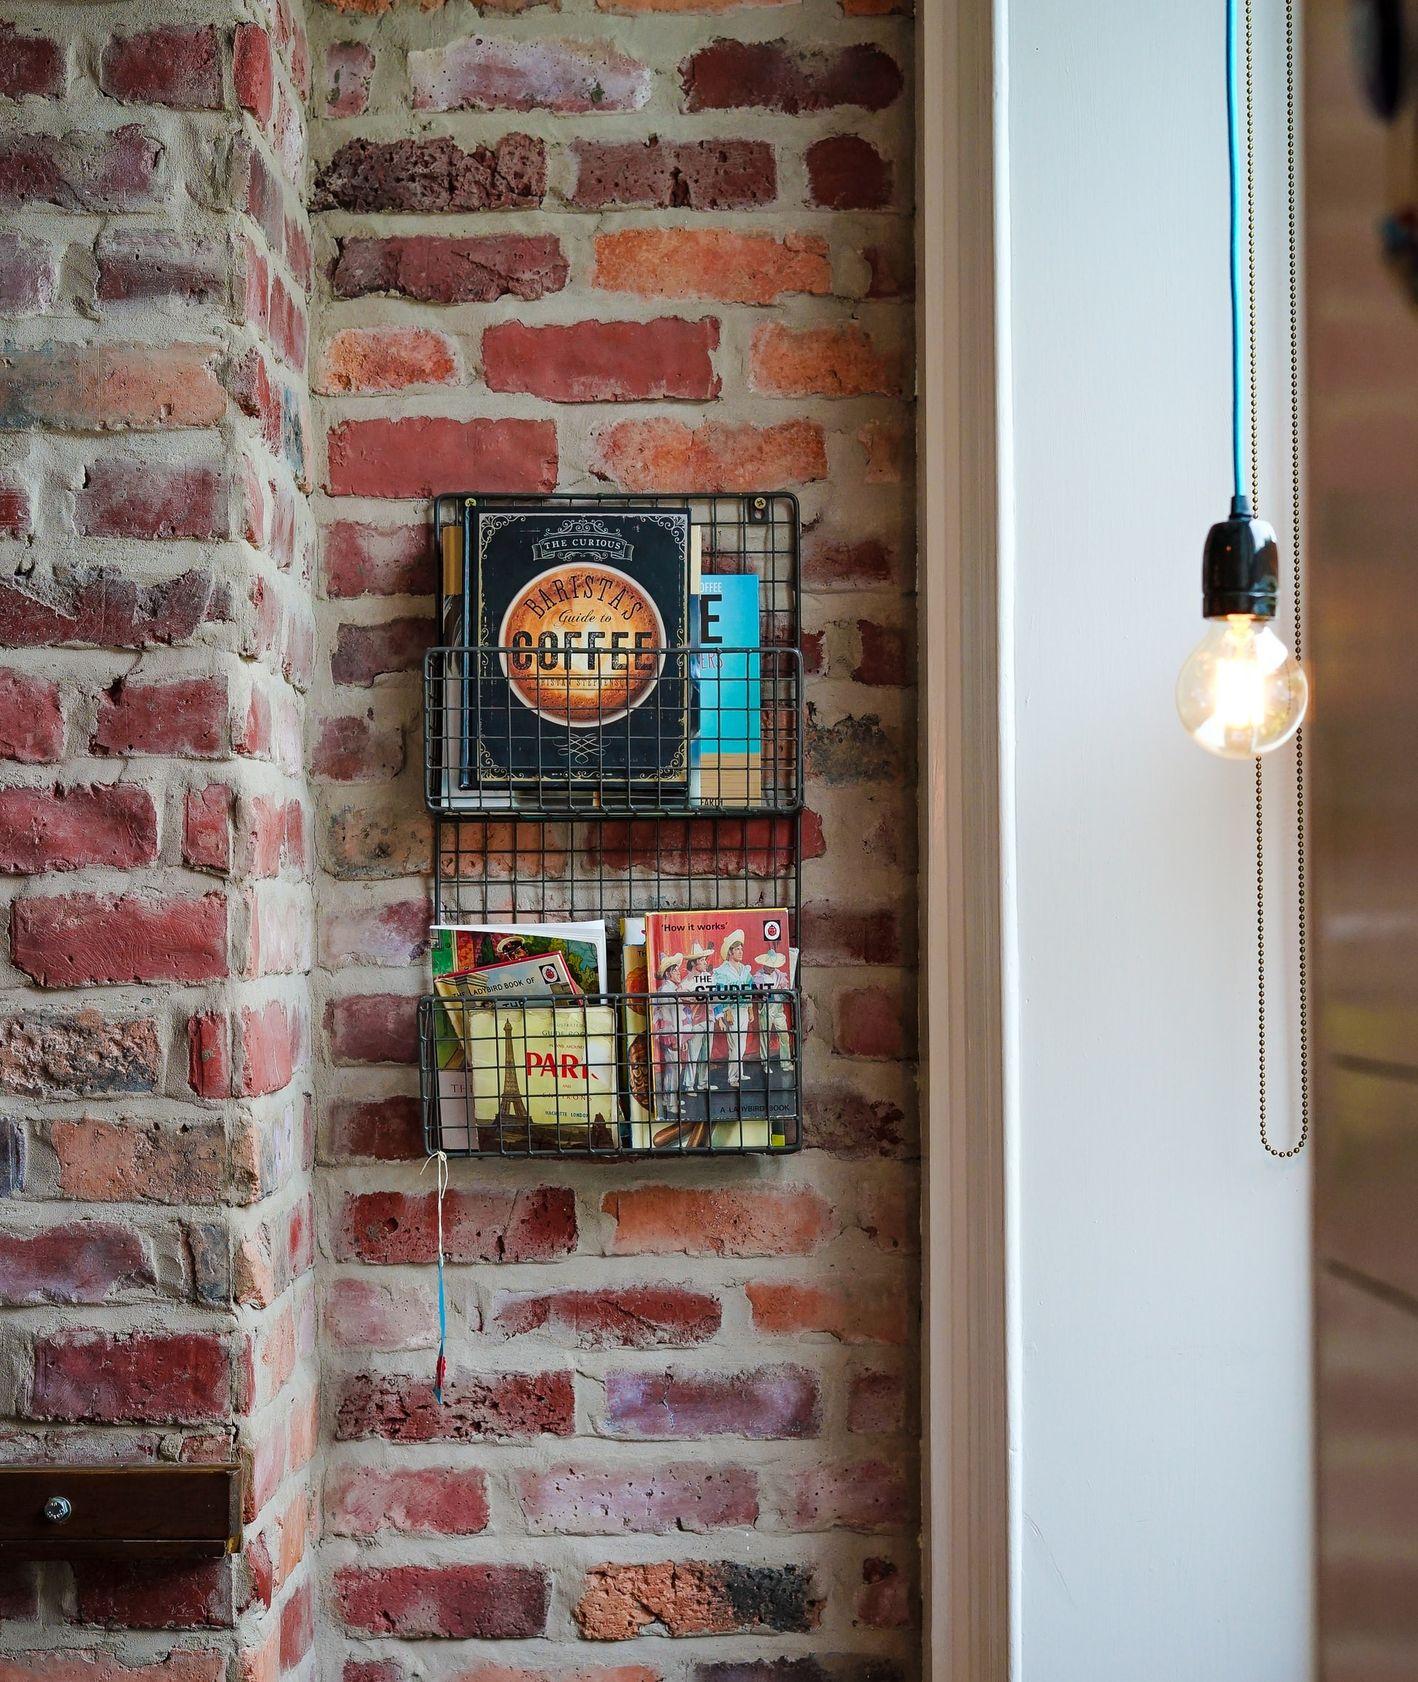 Półka z książkami kulinarnymi (fot. Toa Heftiba / unsplash.com)